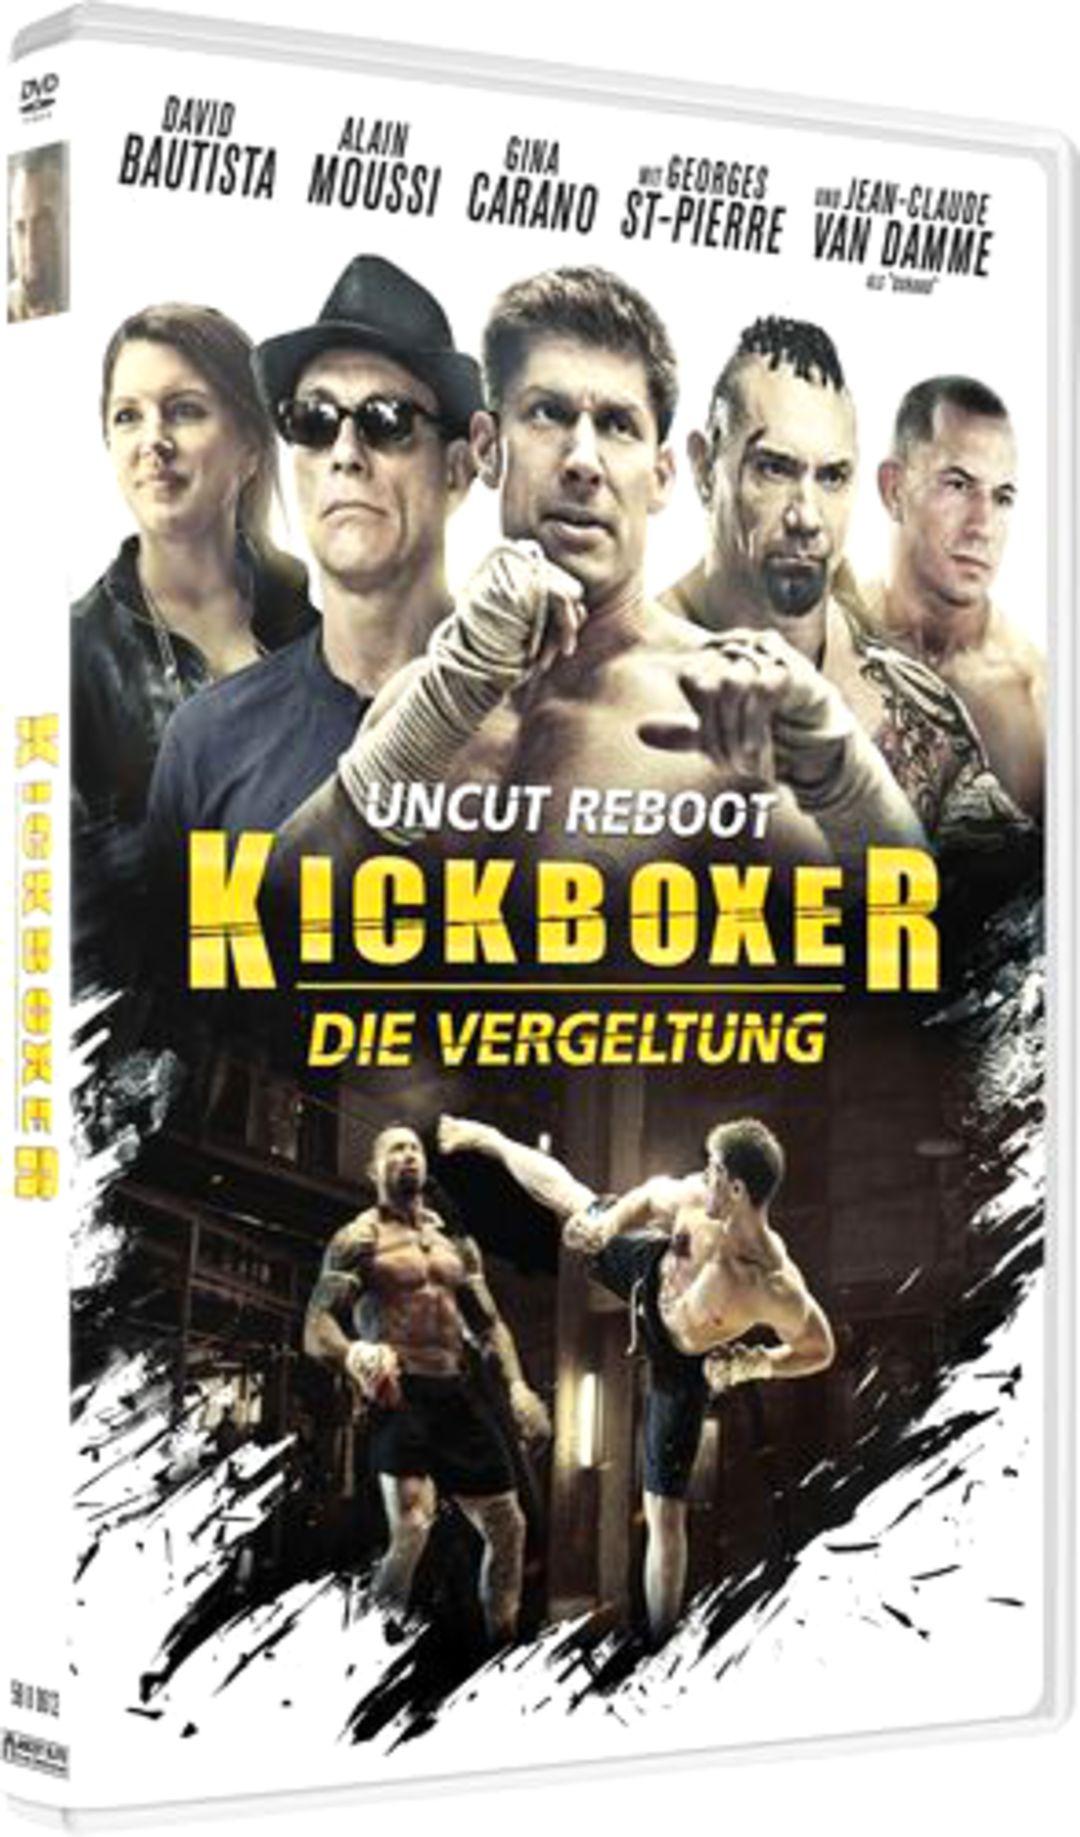 Kickboxer - Bild 3 von 8